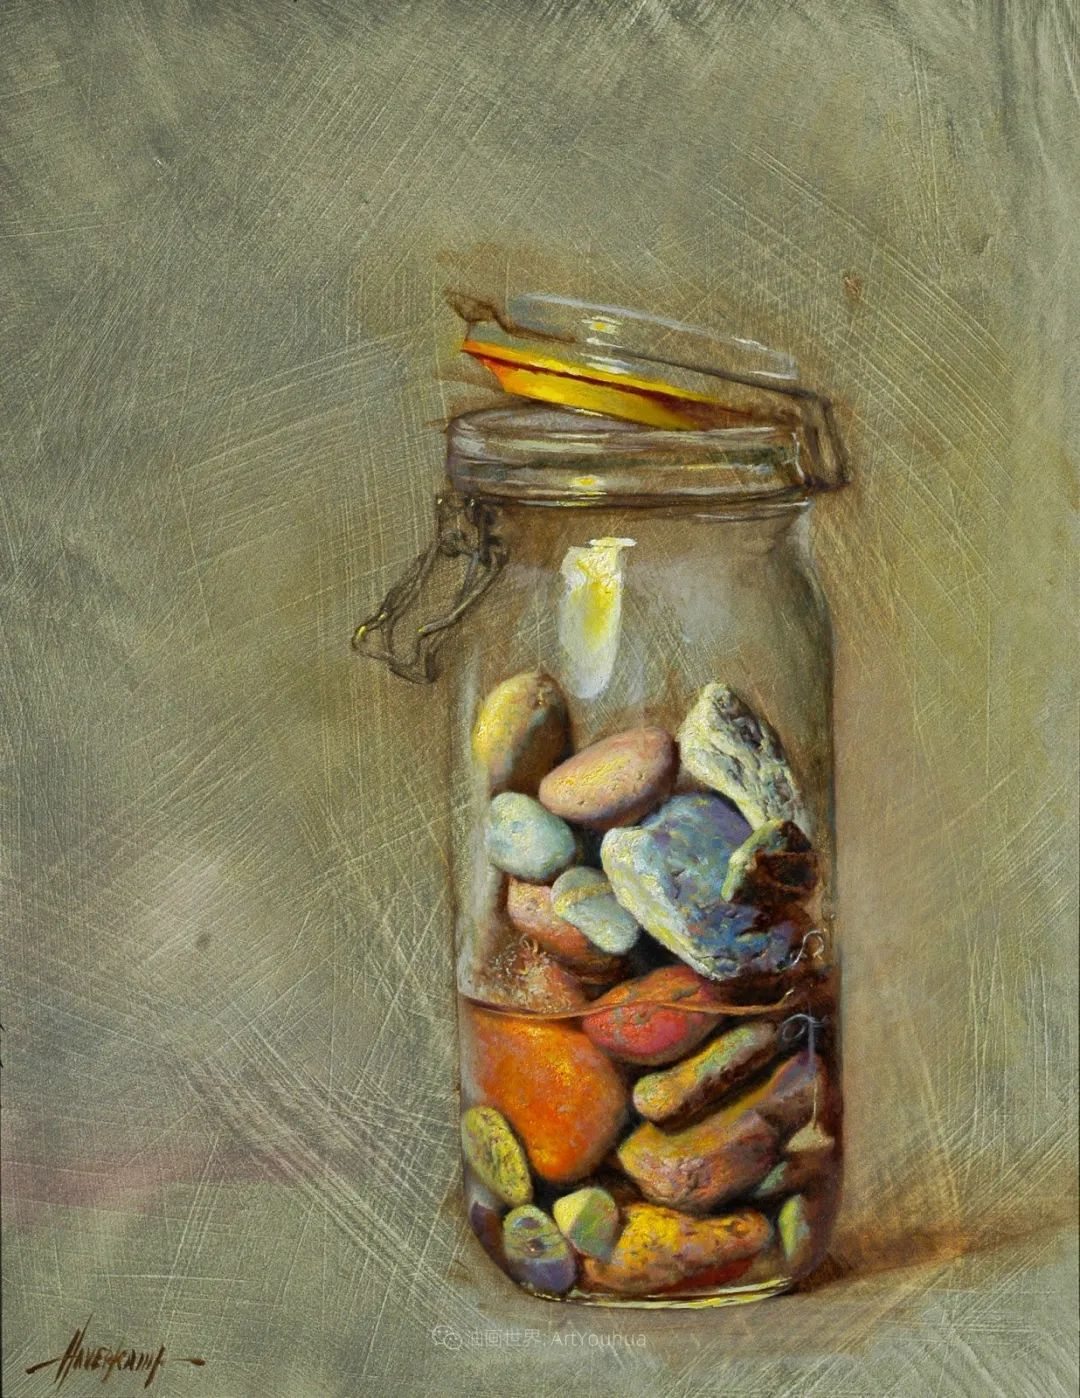 有趣而独特的人物肖像画,美国画家塞思·哈维坎普插图40